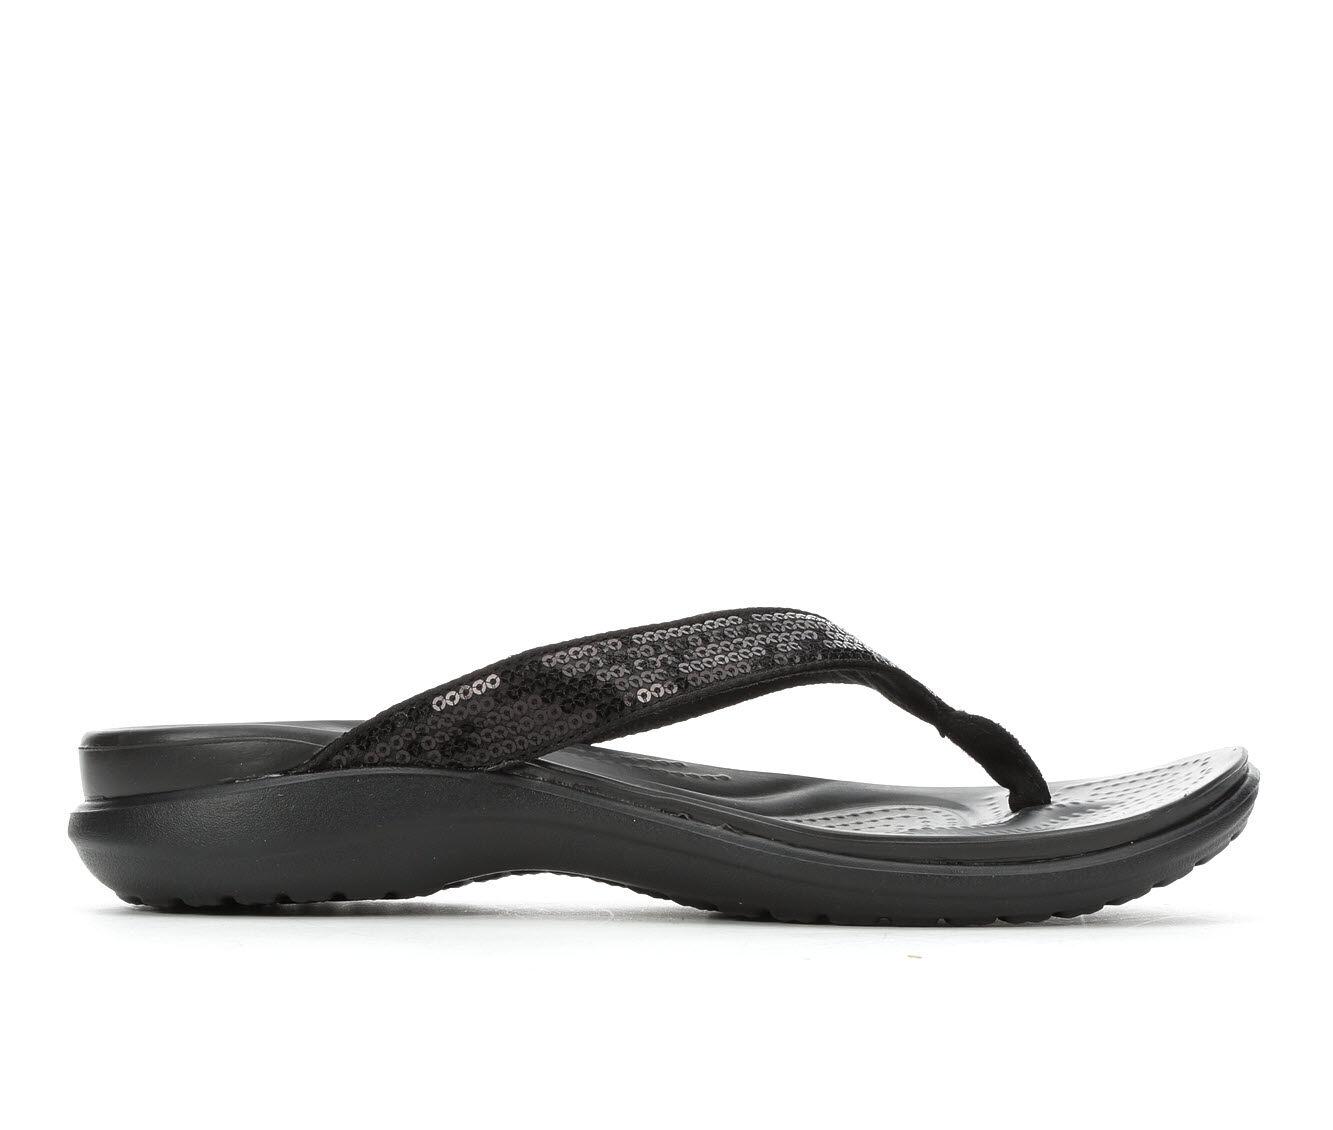 best price Women's Crocs Capri V Sequin Flip-Flops Black